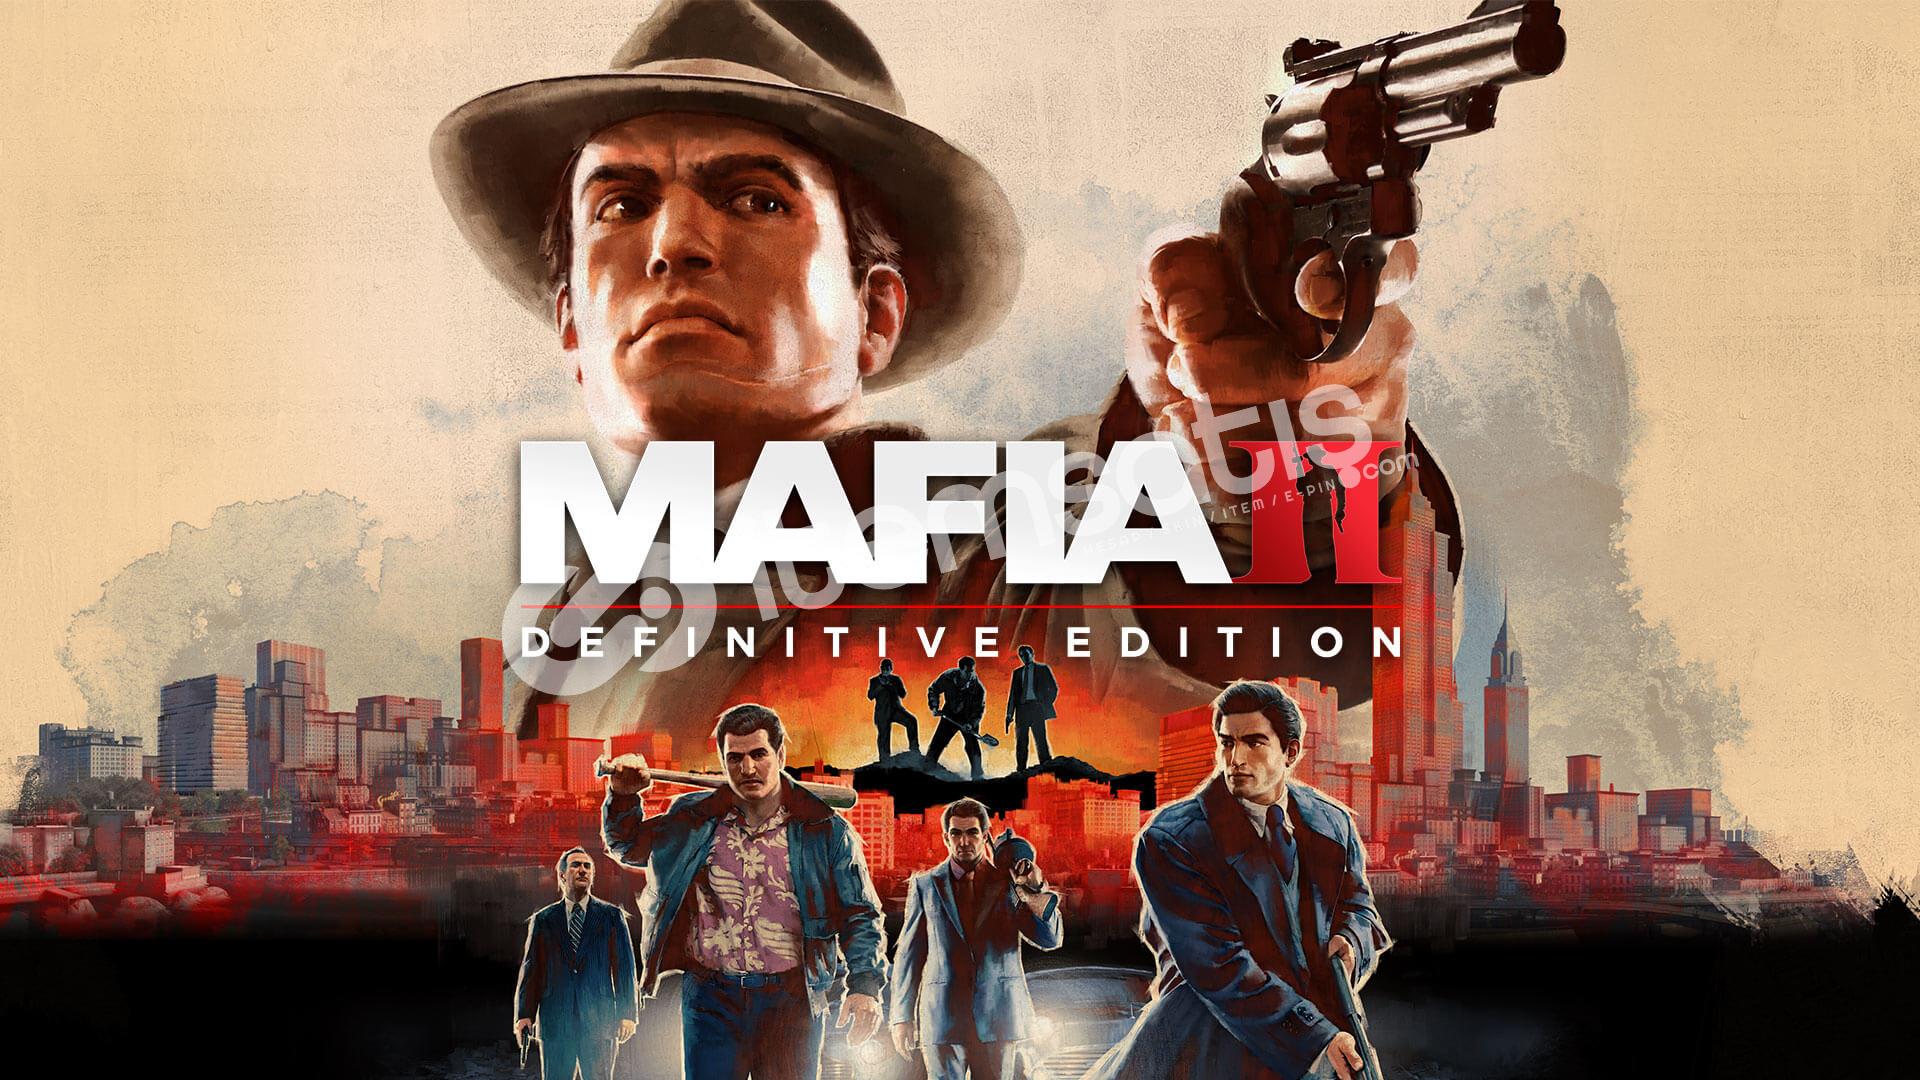 Mafia 2 (Classic, Def. Edi.) + 8.9tl' + OTOMATİK TESLİMAT.!